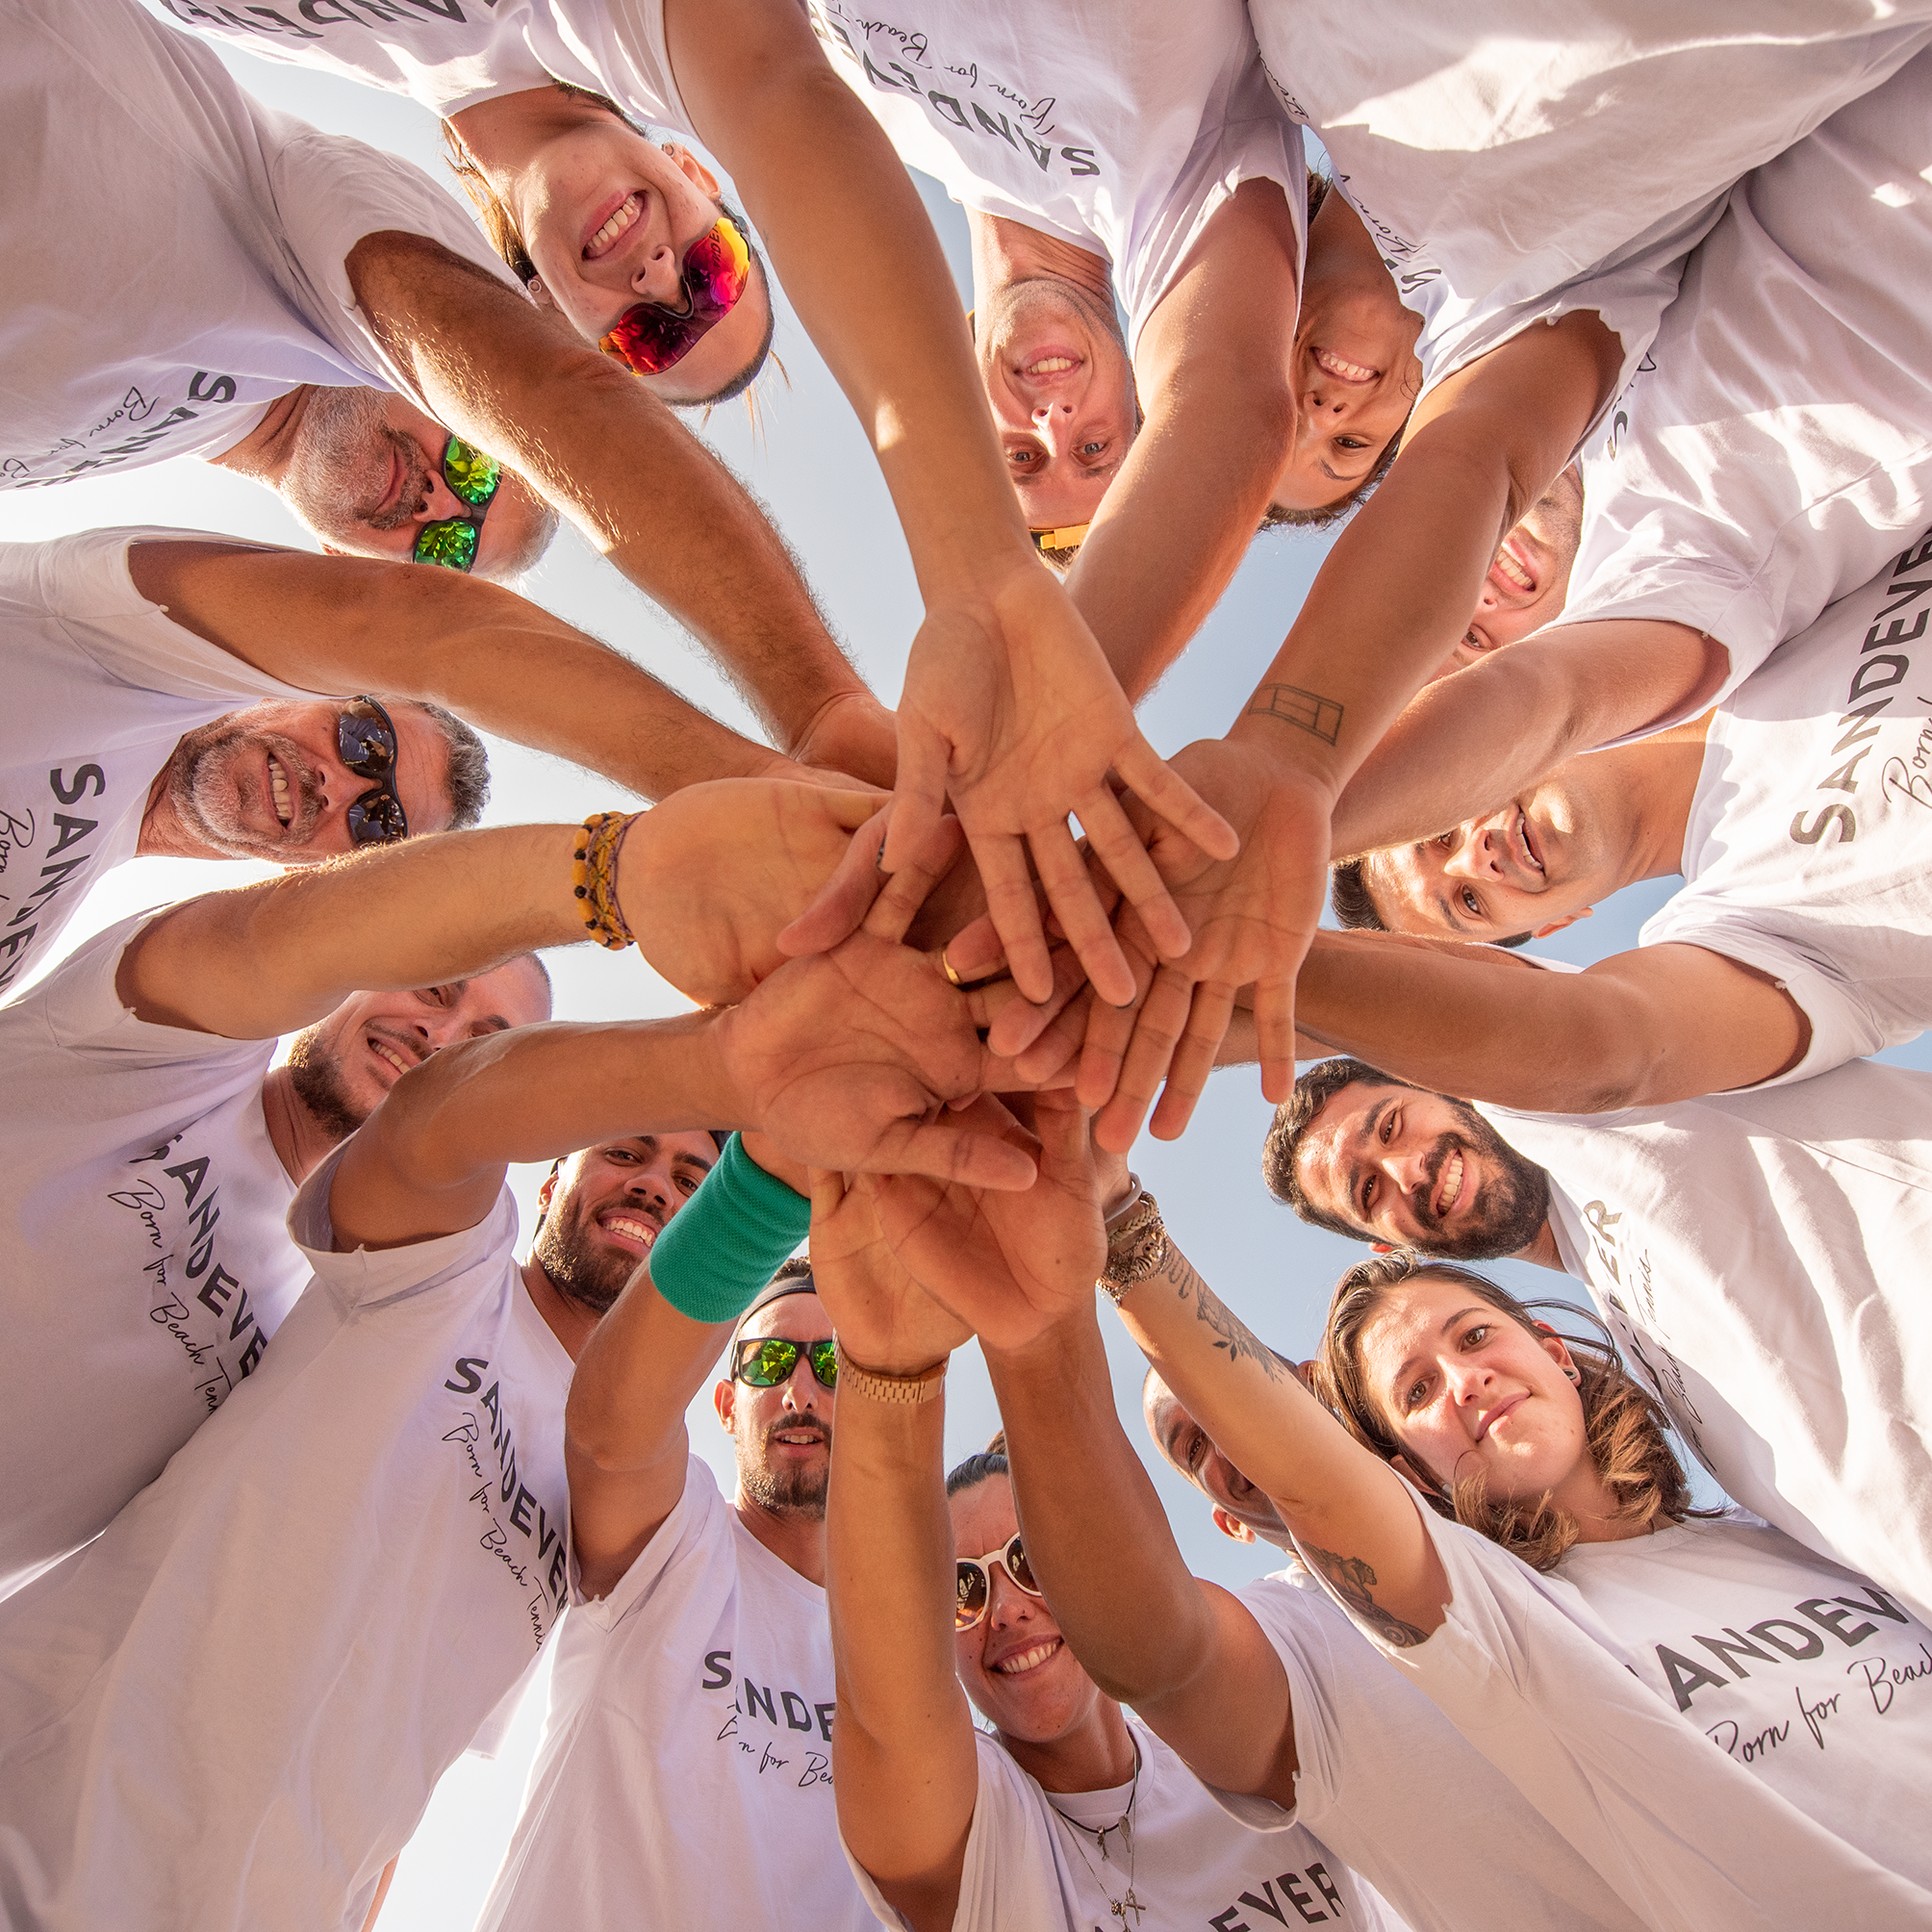 Ontdek onze sportieve teambuildings! Kies uit onze verschillende teambuildings en krijg een cadeaubon twv 50 euro in return!